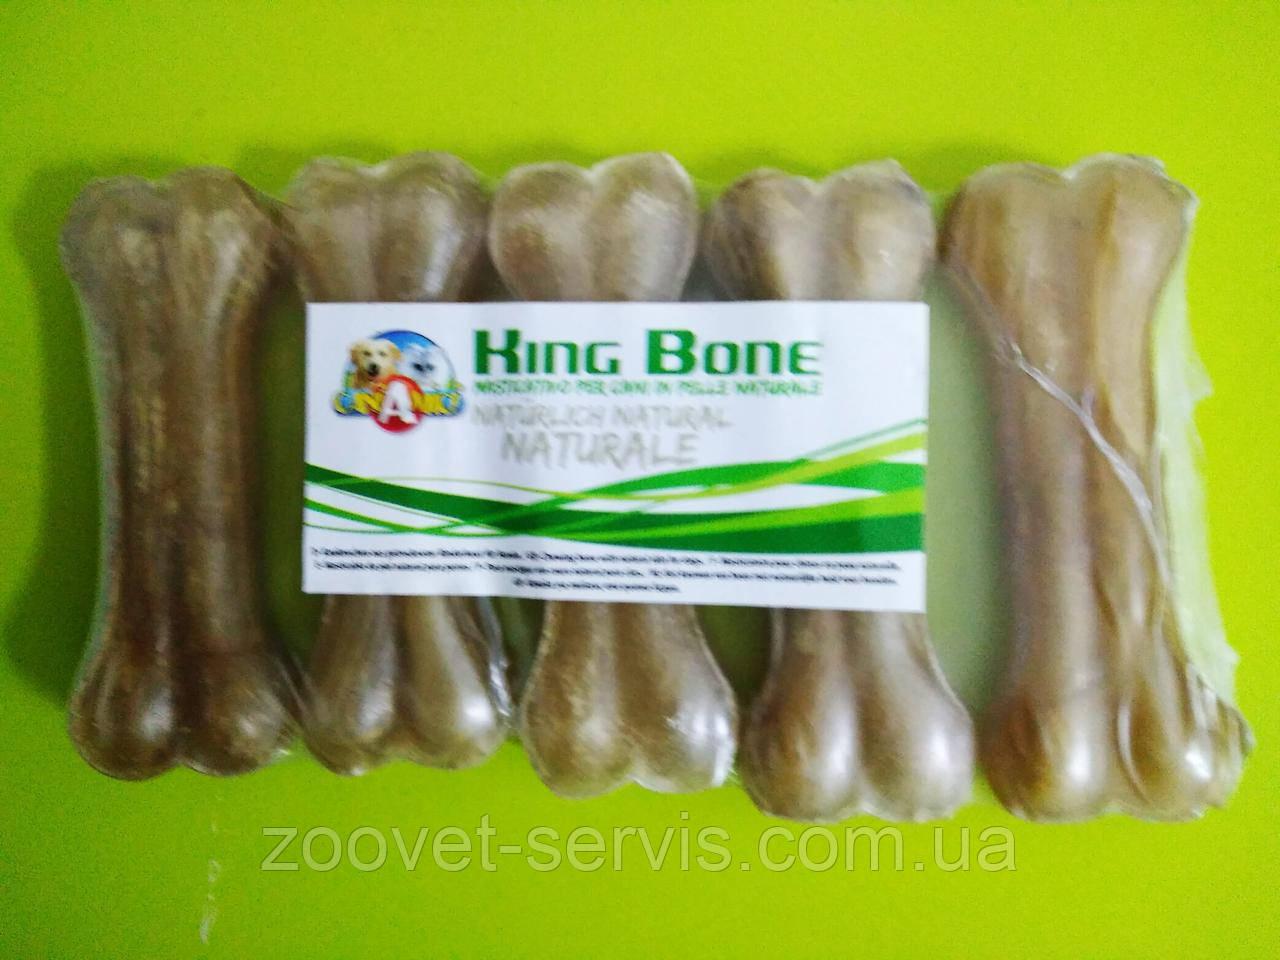 Кость жилистая 7,5 см Croci KingBone упаковка 5 шт С6ВI2238